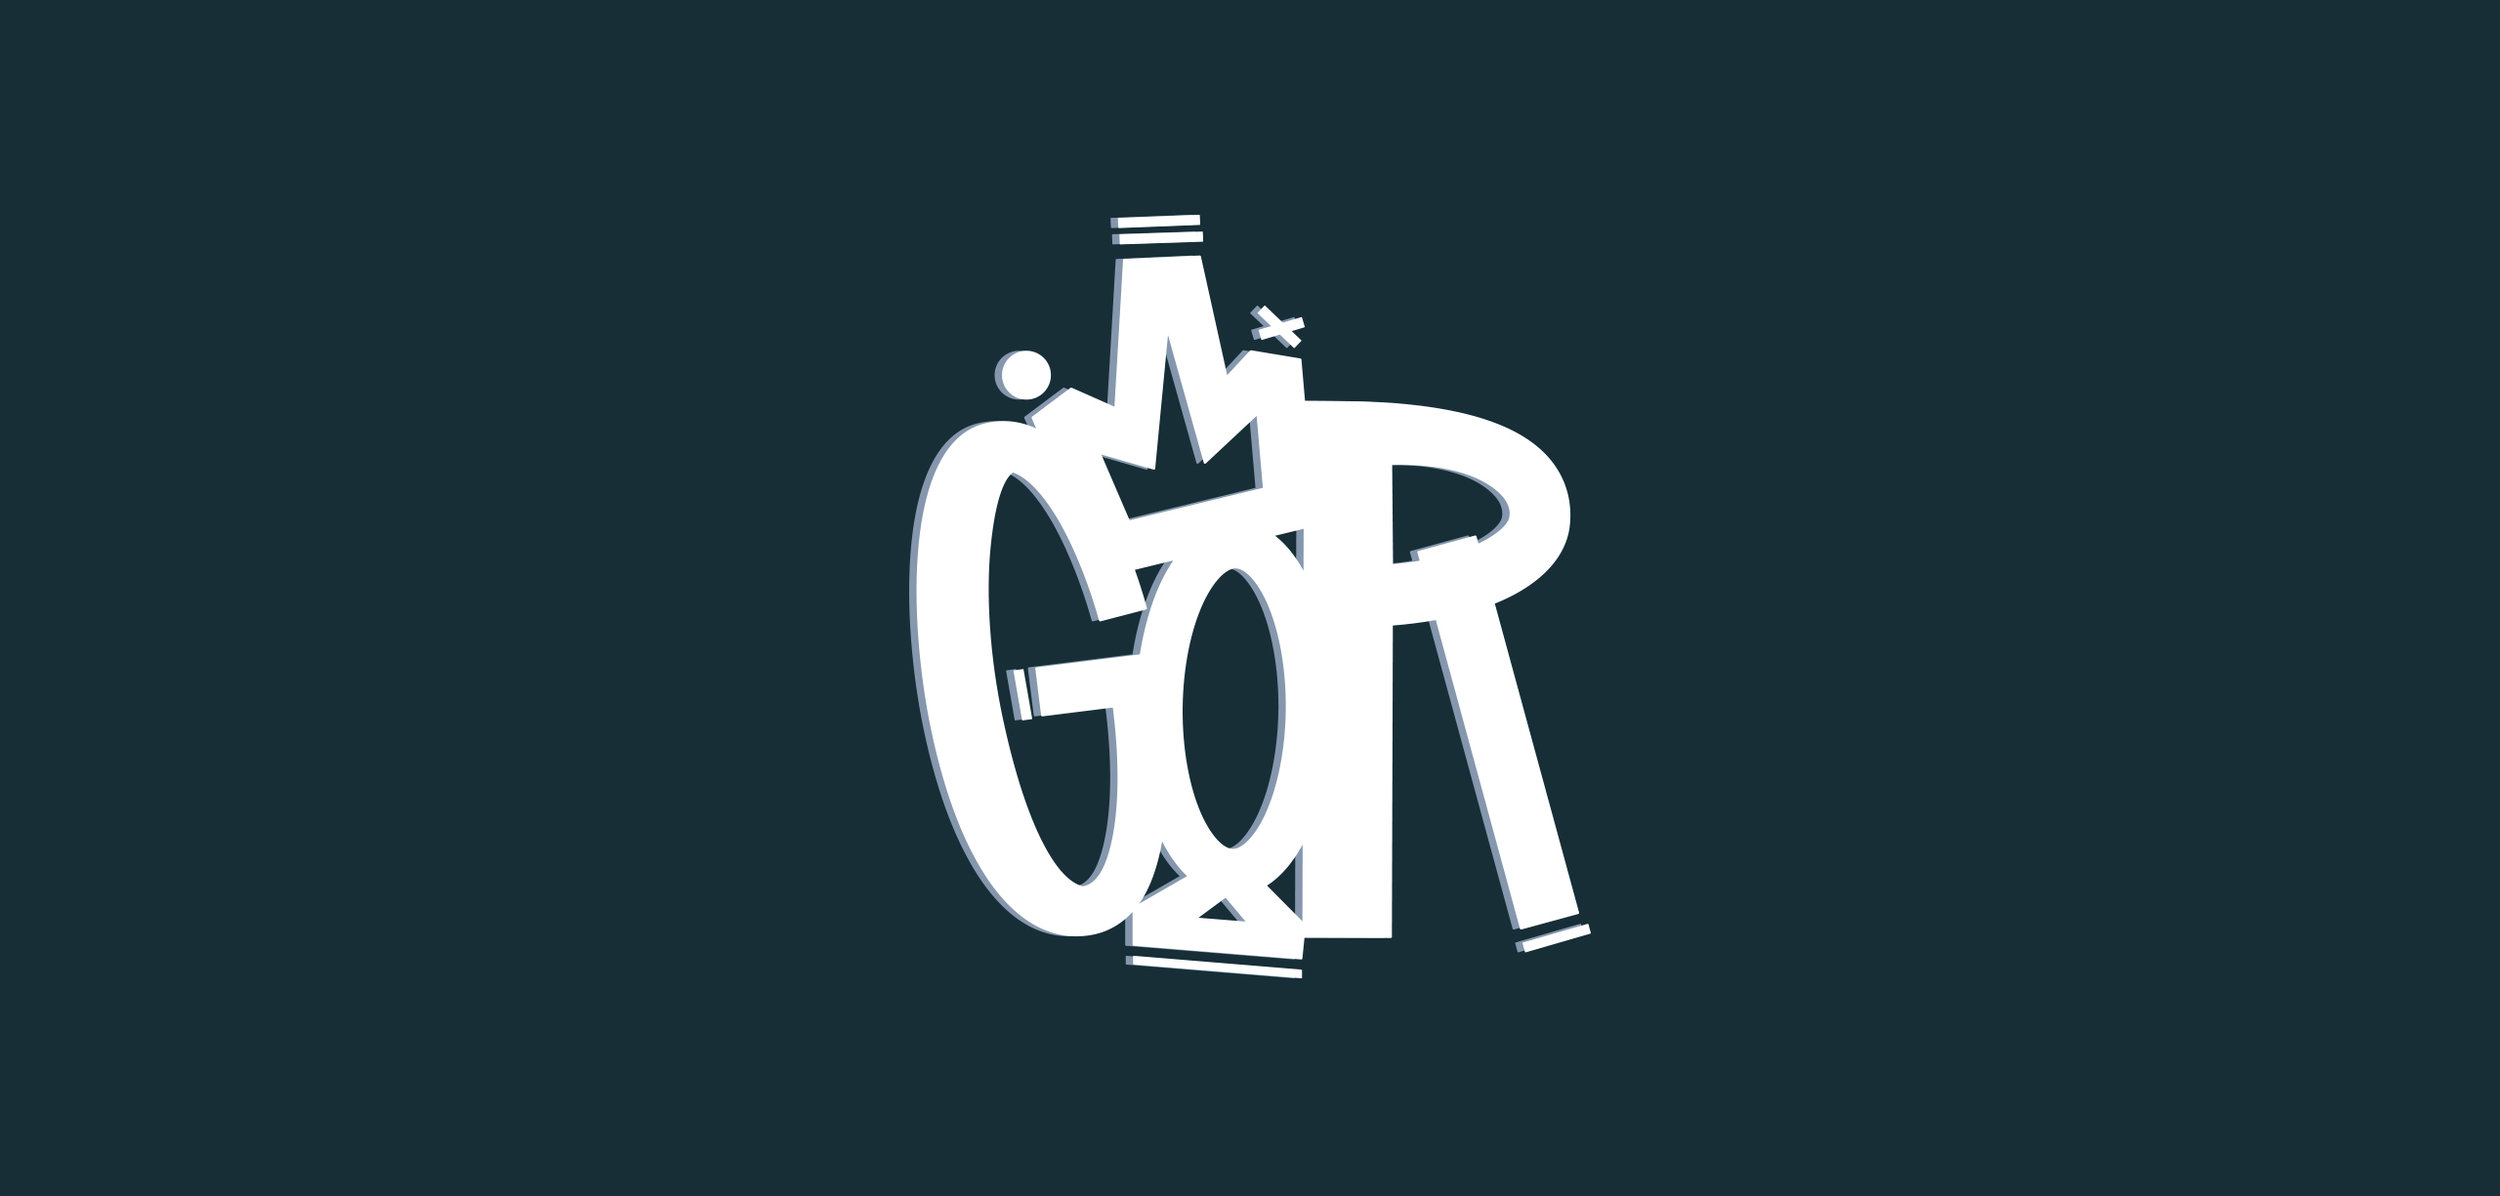 gor_logo.jpg